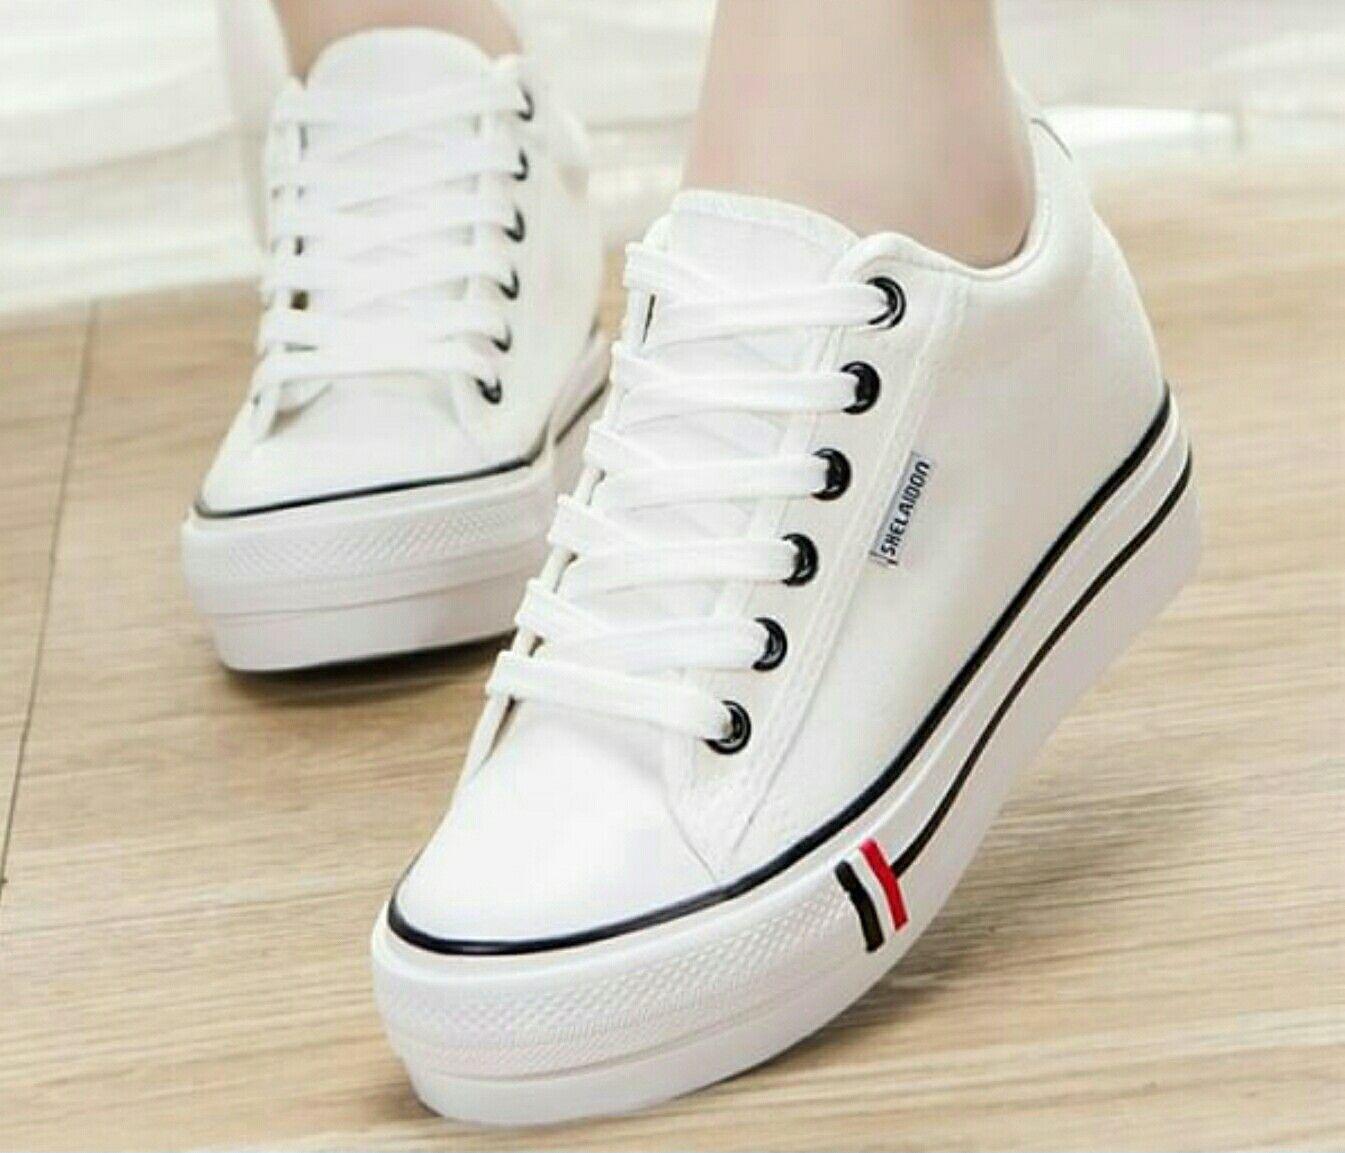 b25a27631 Hombres Zapatos Zapatos De Encaje Puntiagudos Zapatos Casuales Moda Coreano  Zapatos De Moda hFLaW